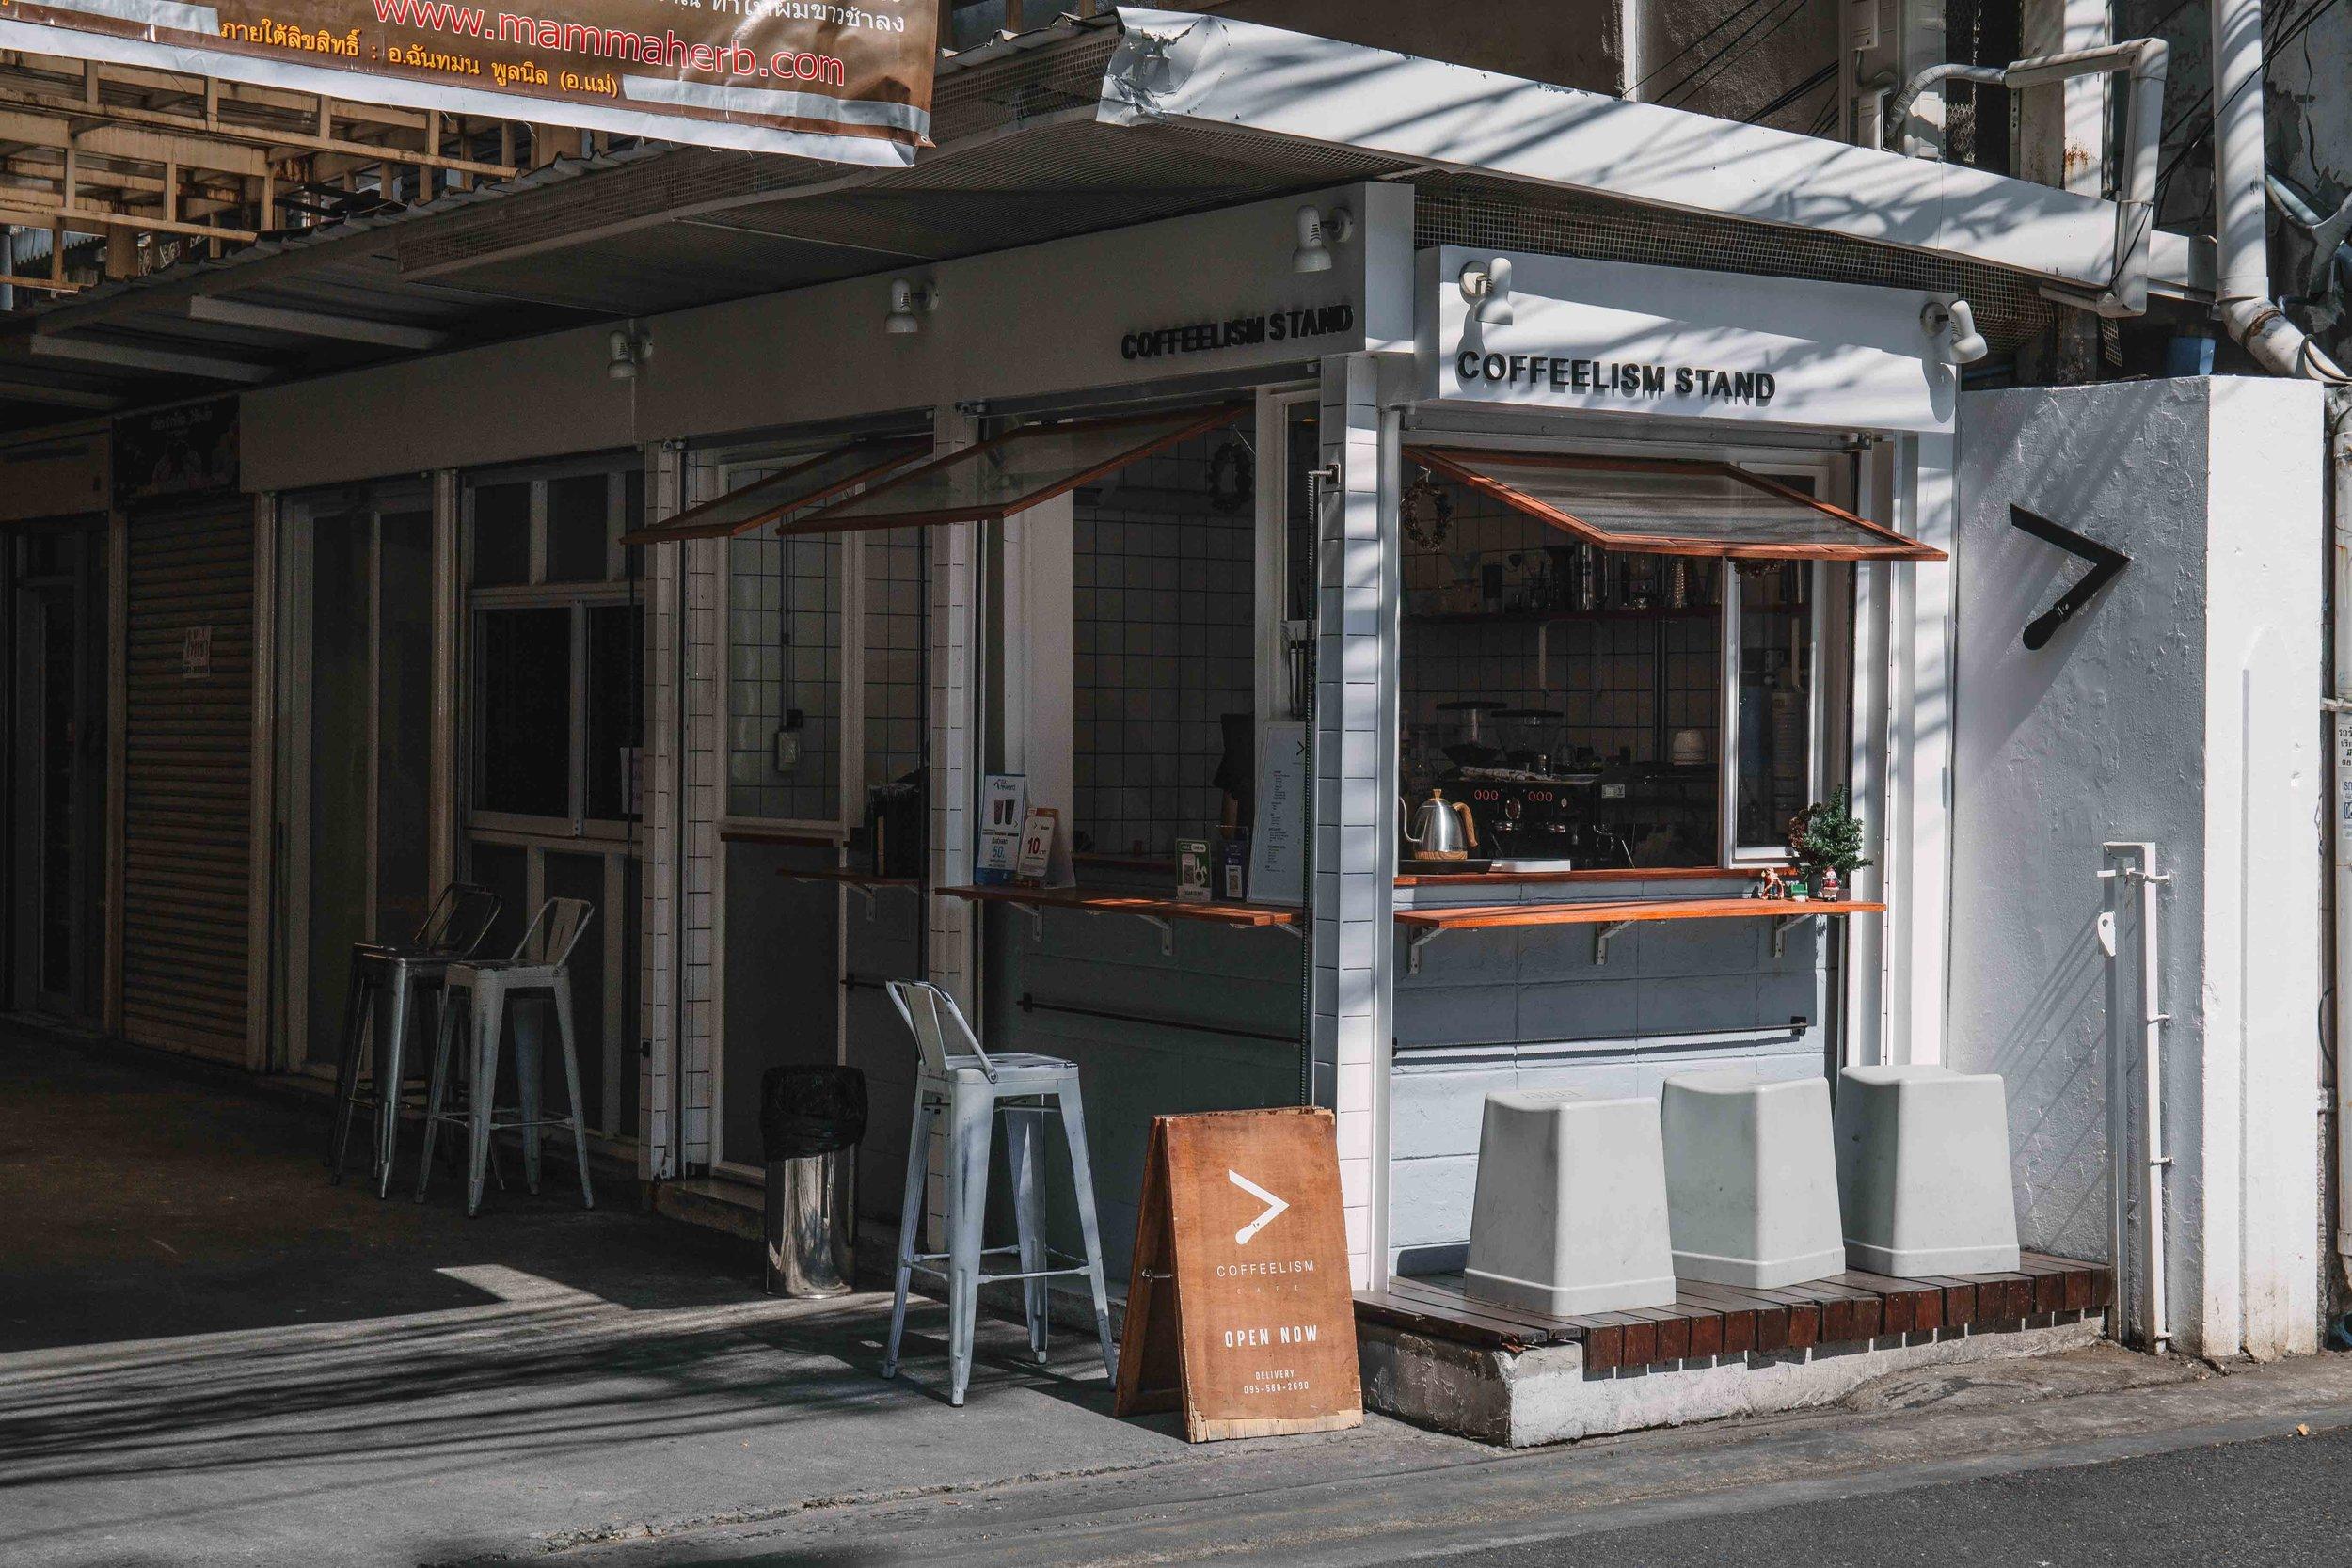 coffeelism stand Bangkok